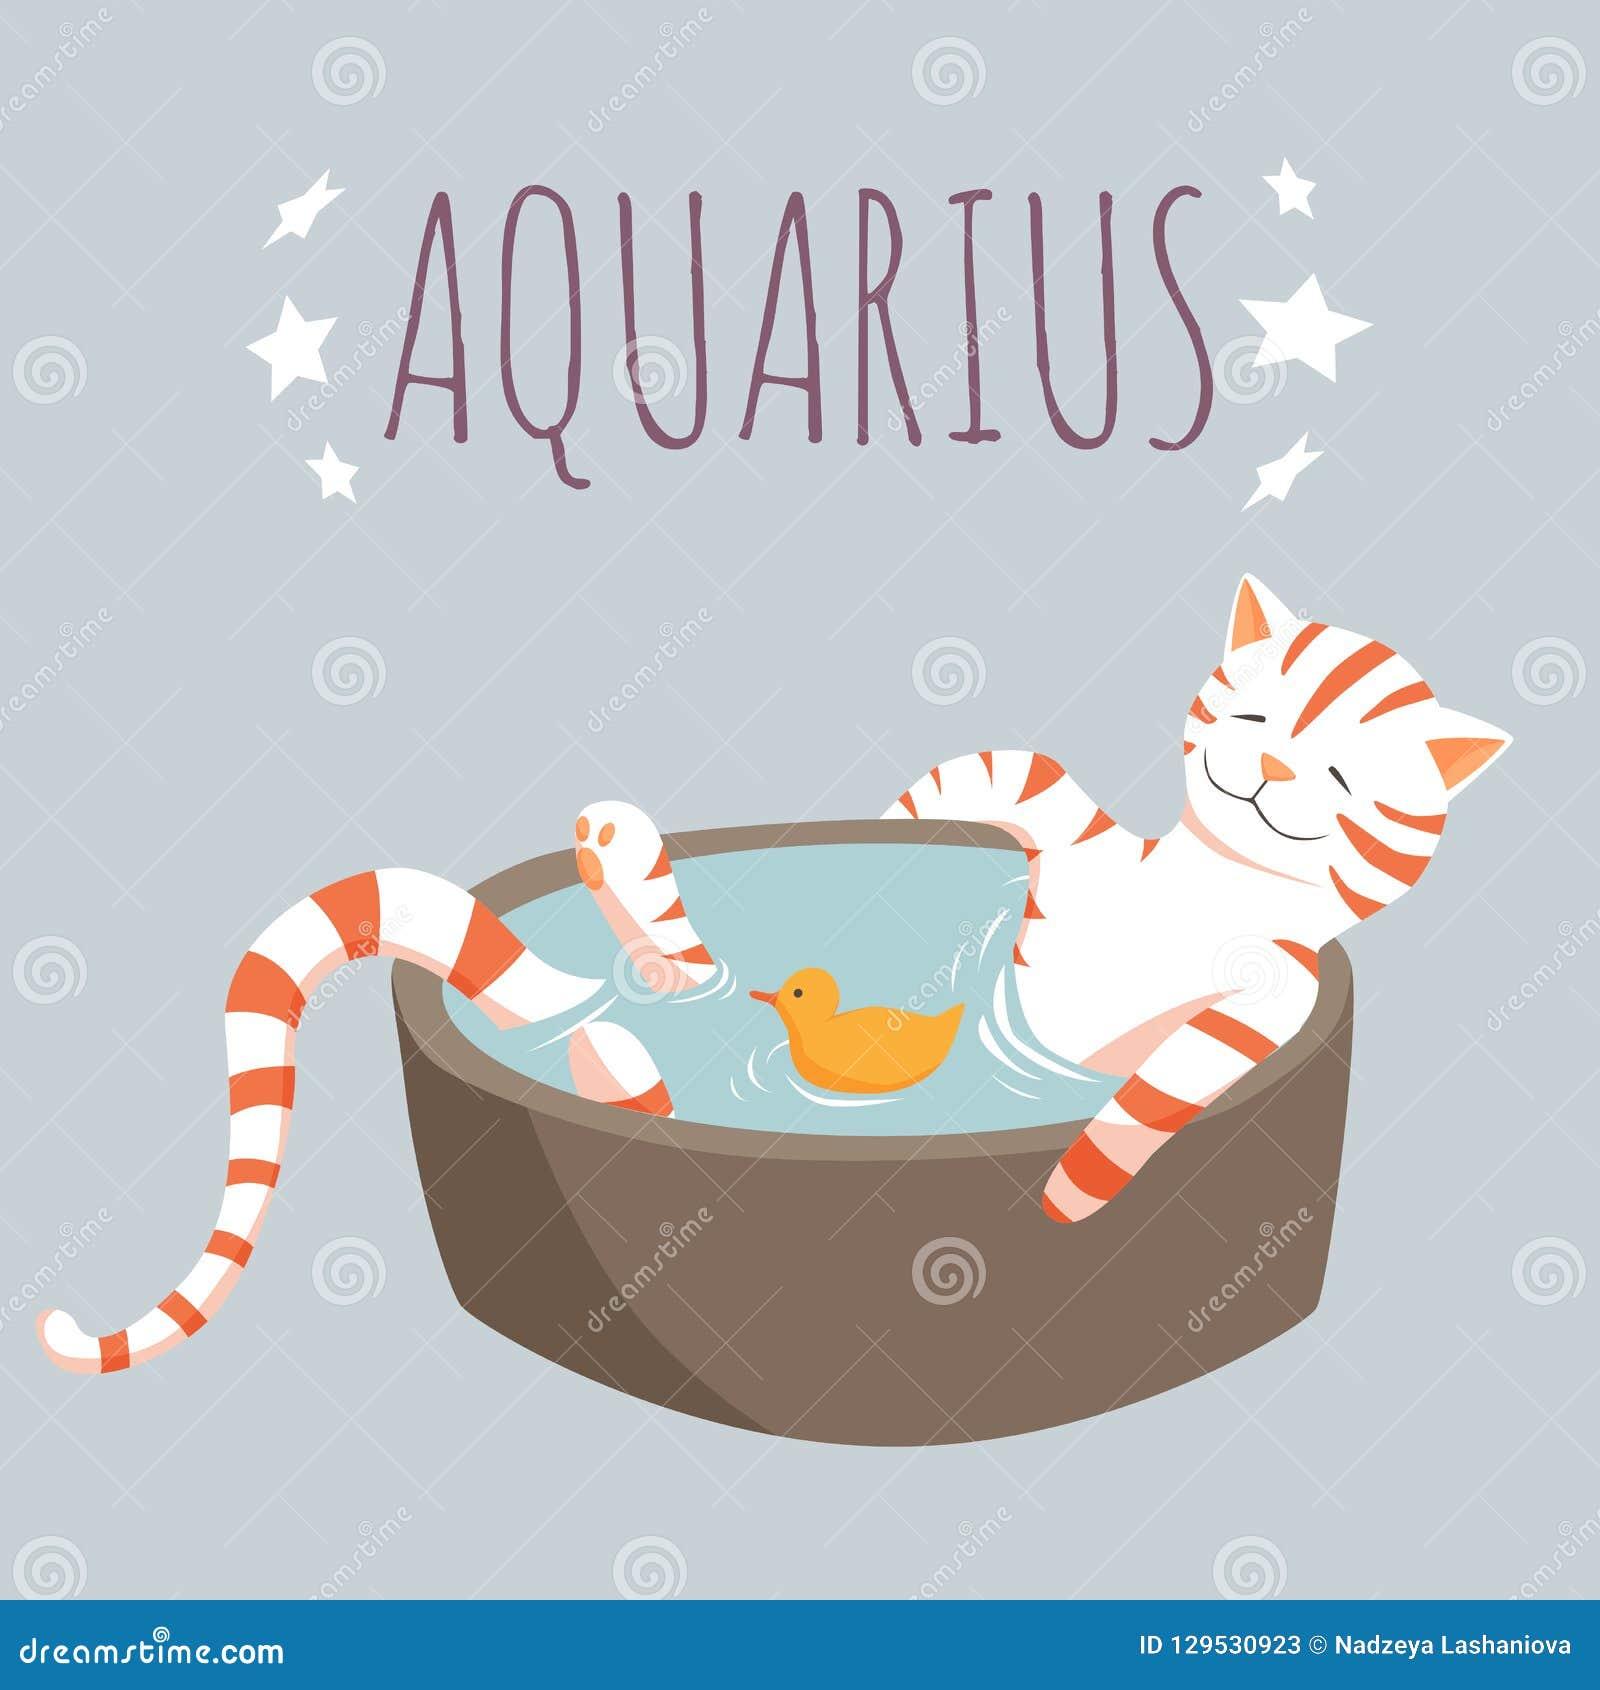 Carattere dello zodiaco di acquario; personaggio dei cartoni animati del gatto stilizzato come zod